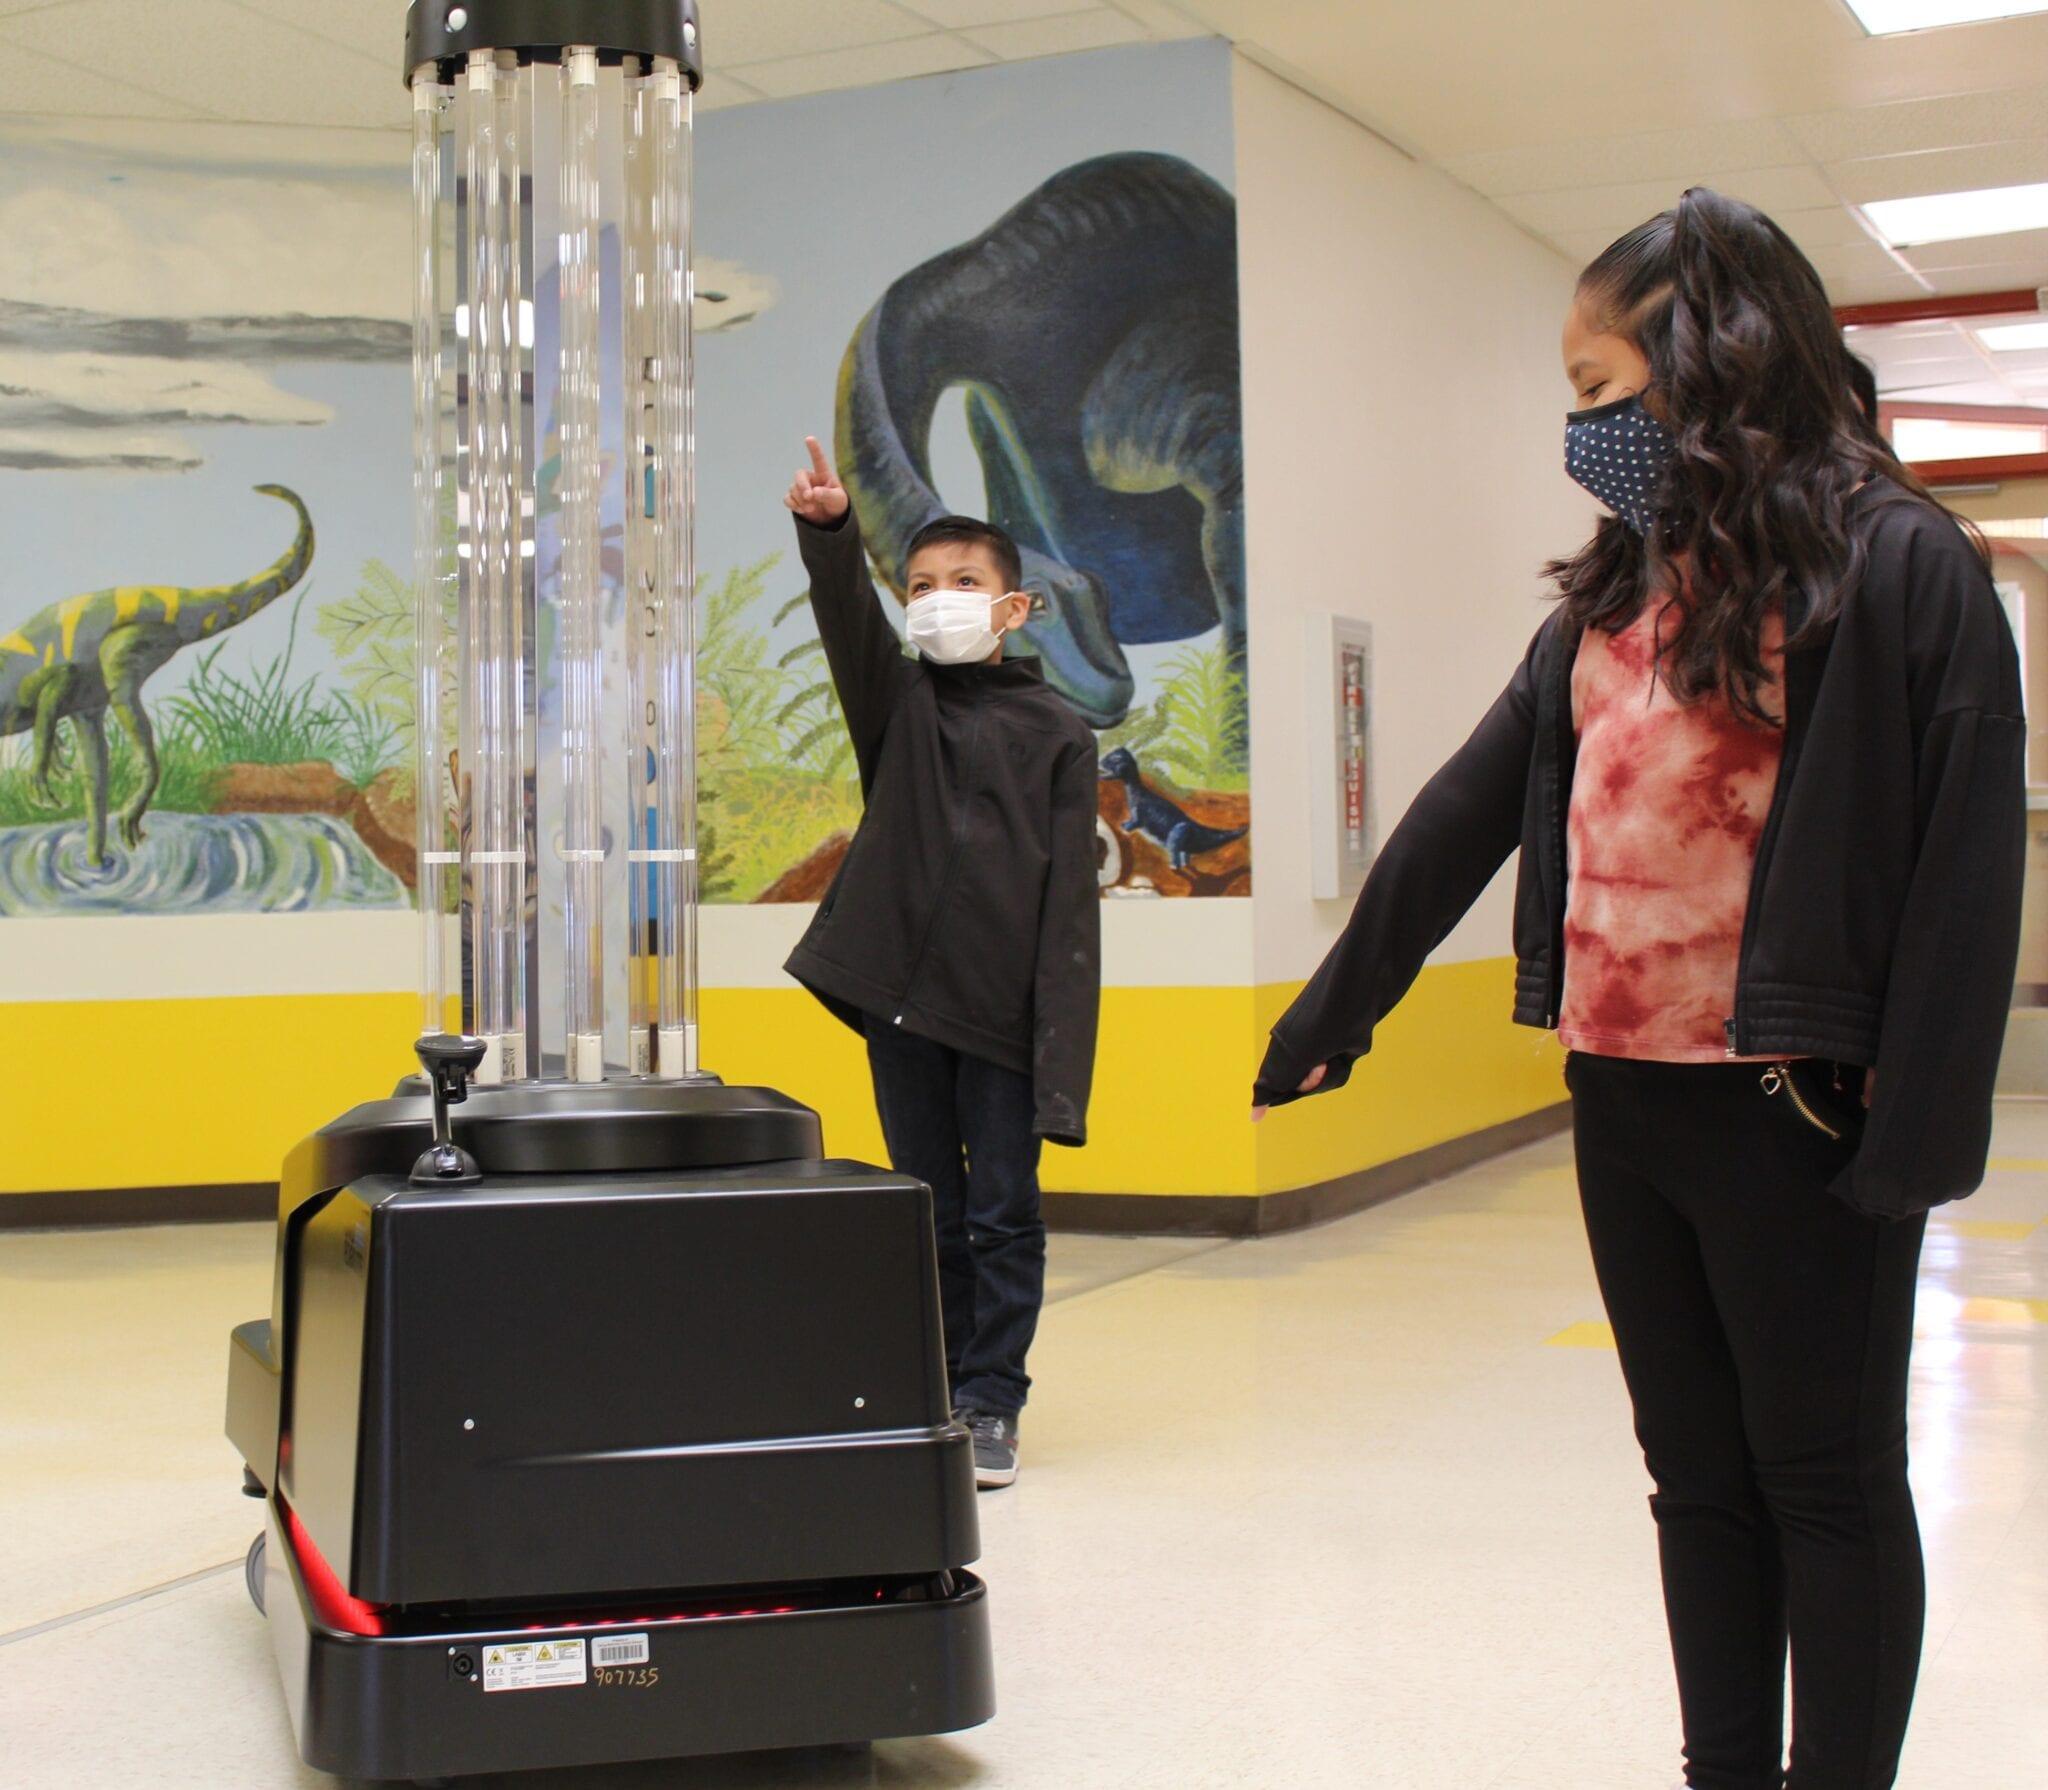 Una 'tropa' de robots se encargará de combatir el Covid en escuelas